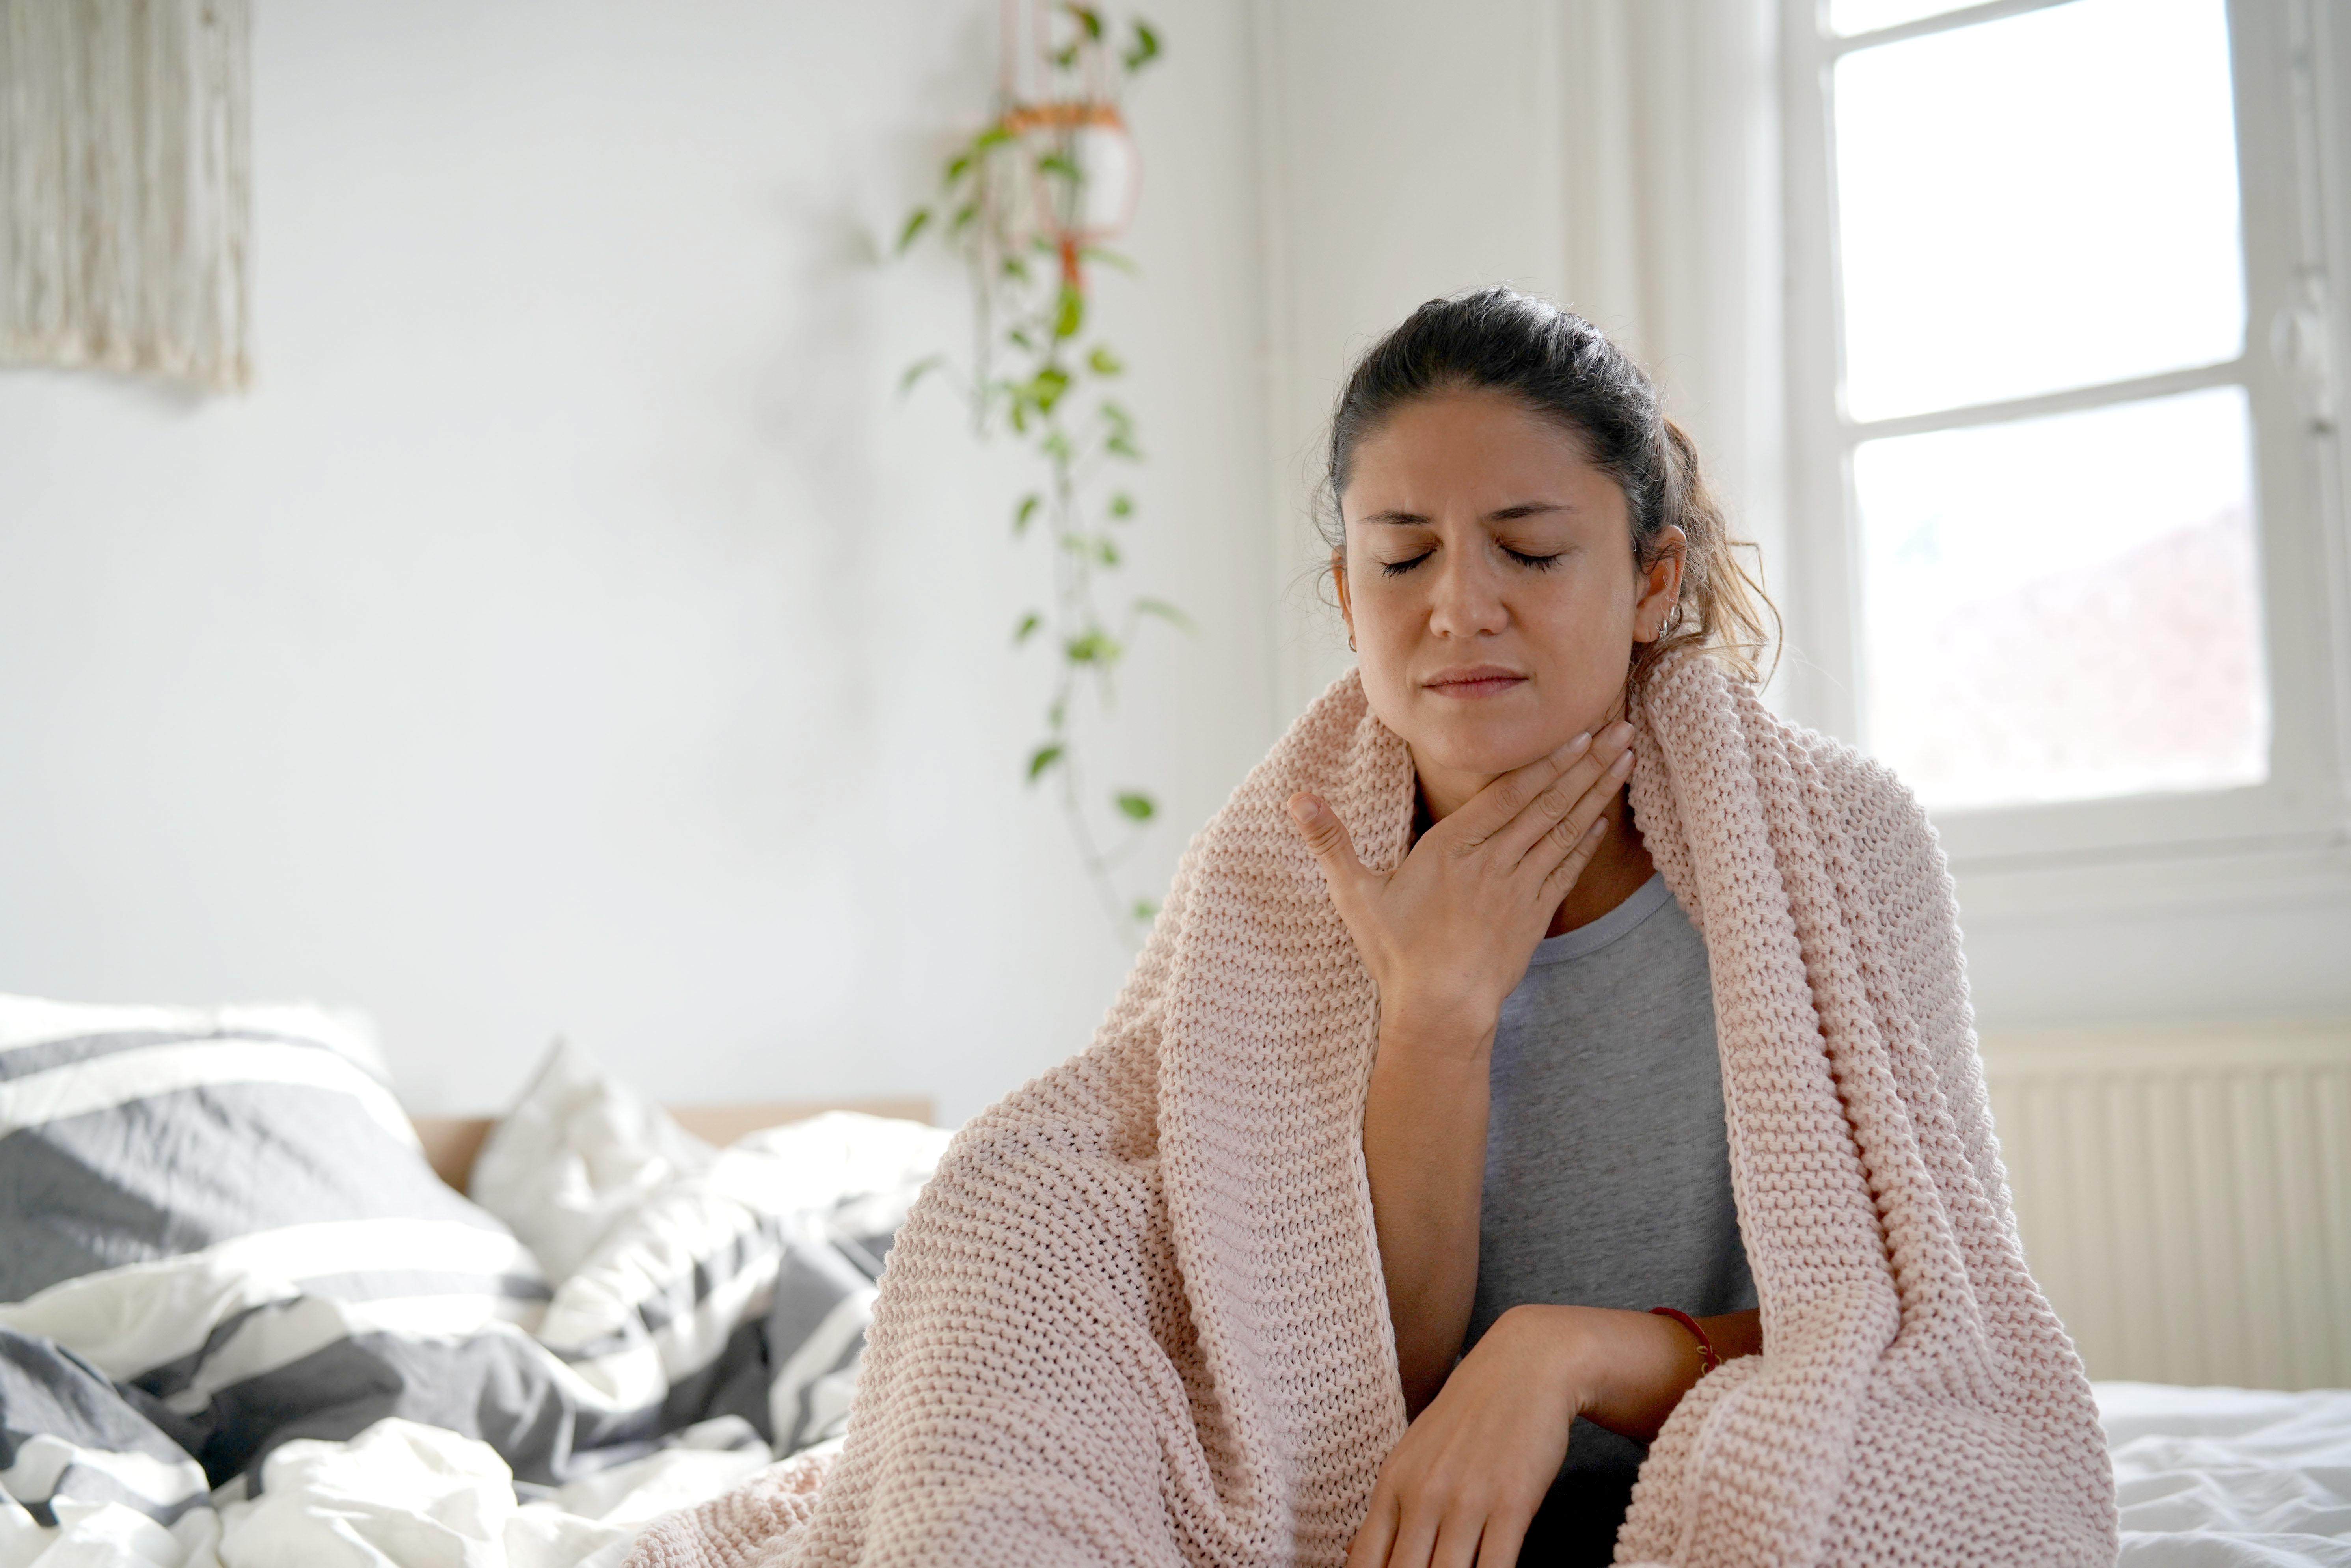 Några vanliga symtom vid covid-19 är feber, hosta, andnöd, halsont och huvudvärk.